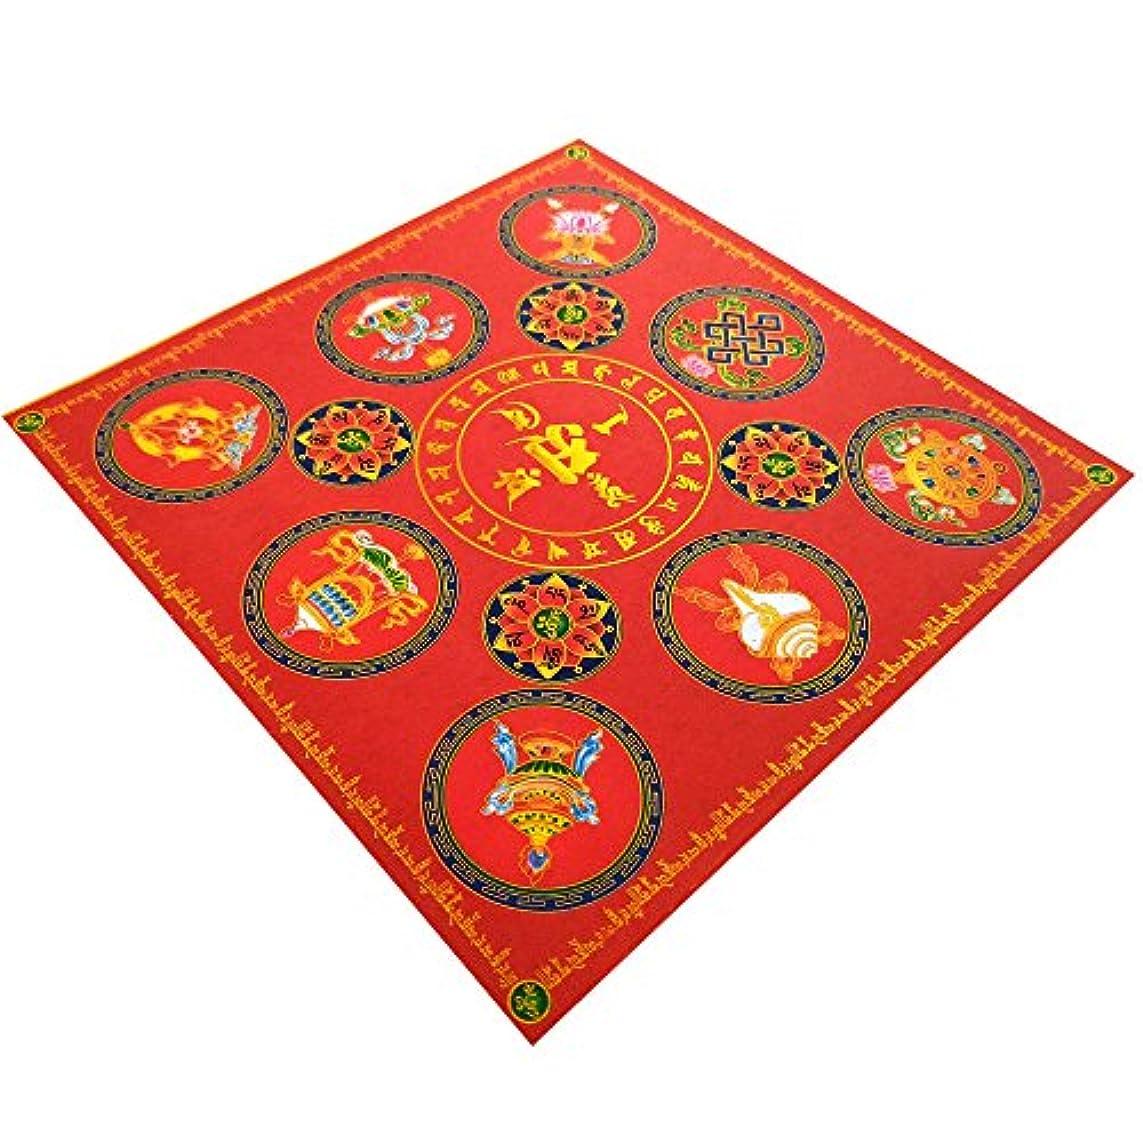 二次乳剤処理zeestar祖先Incense用紙/ゴーストお金の祖先Praying 7.6インチx 7.6インチ、40個 – 吉祥(Lotus